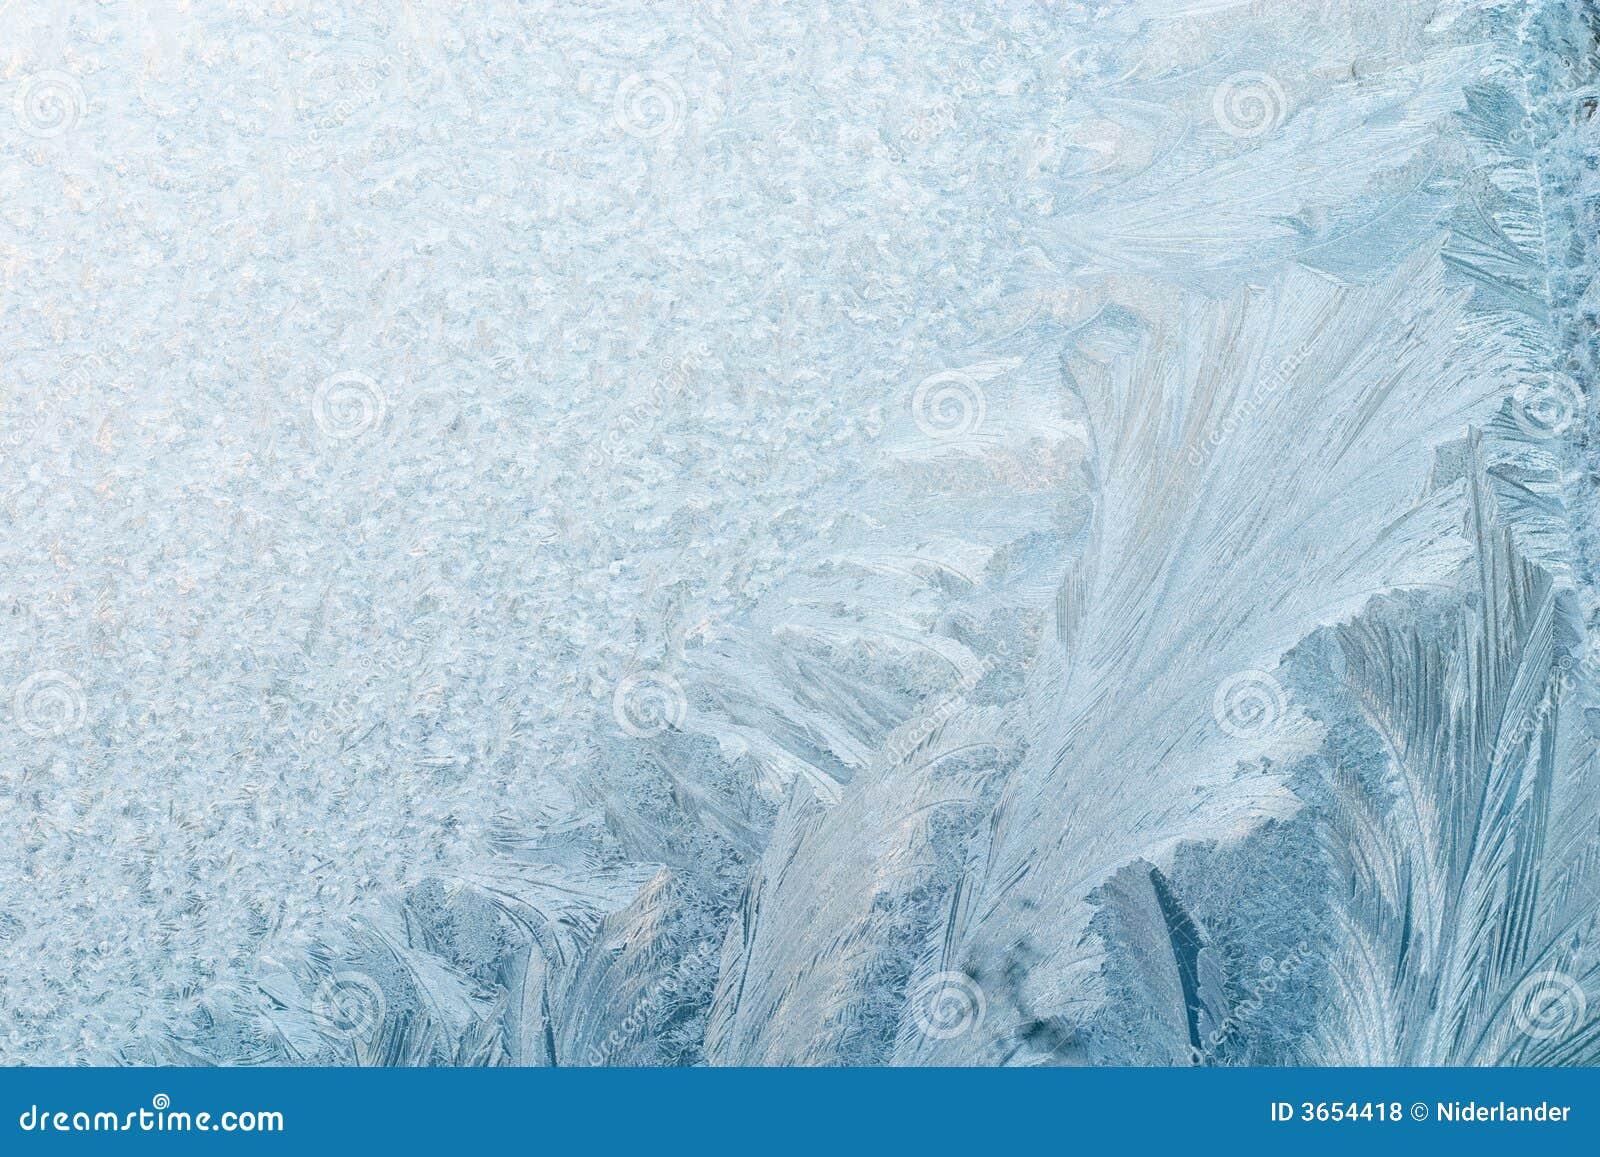 冰冷的背景